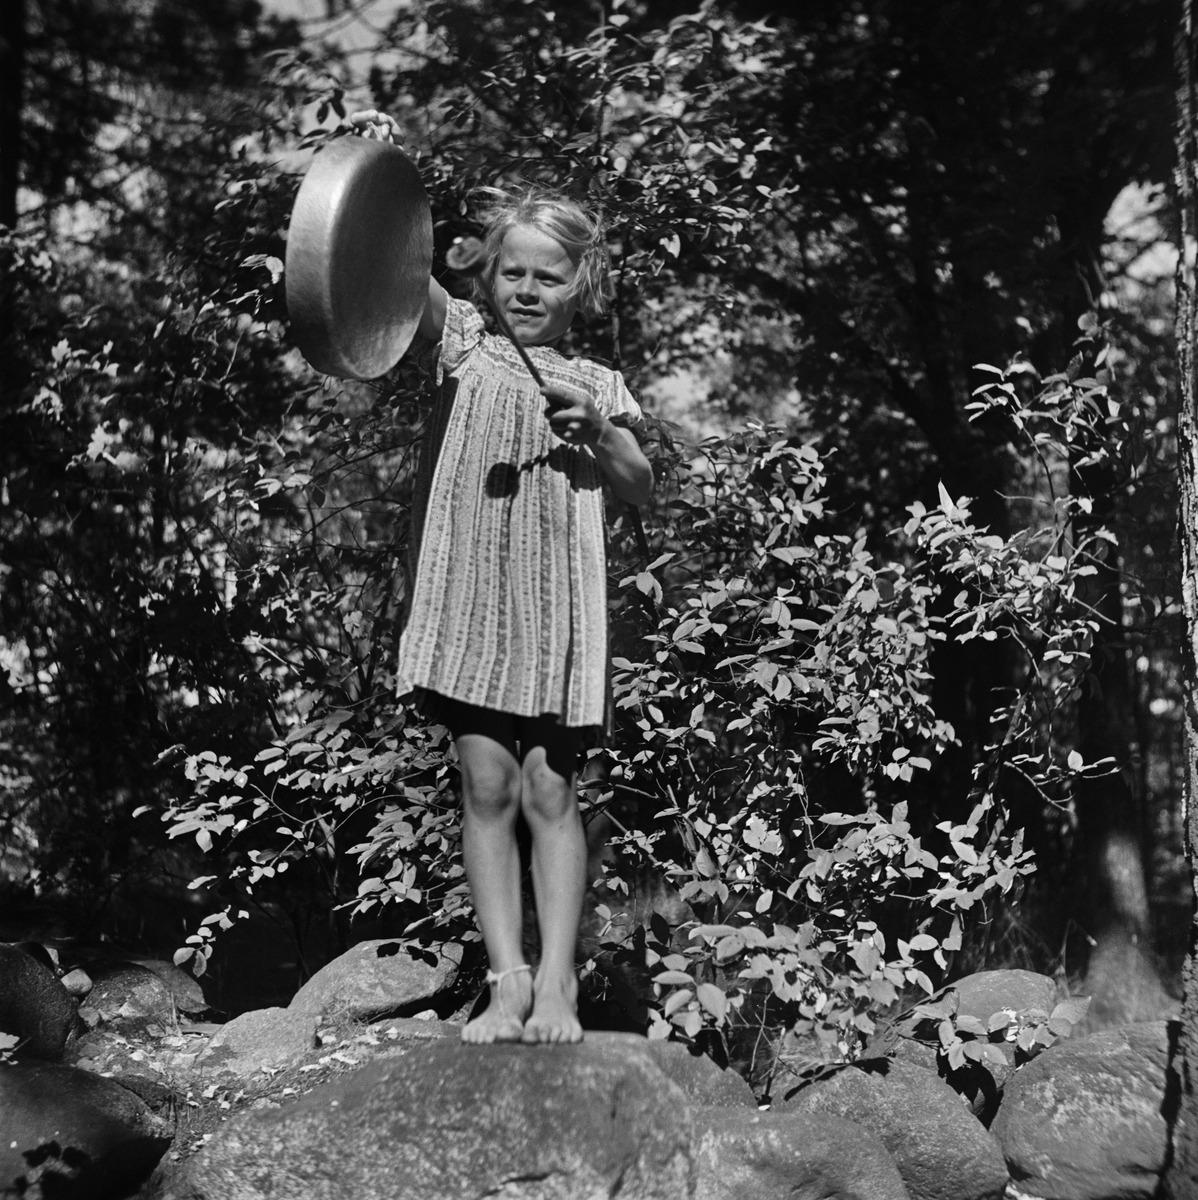 Tyttö seisoo kivellä ja ilmoittaa ruoka-ajasta lyöden gongia (kattilan pohjaa)